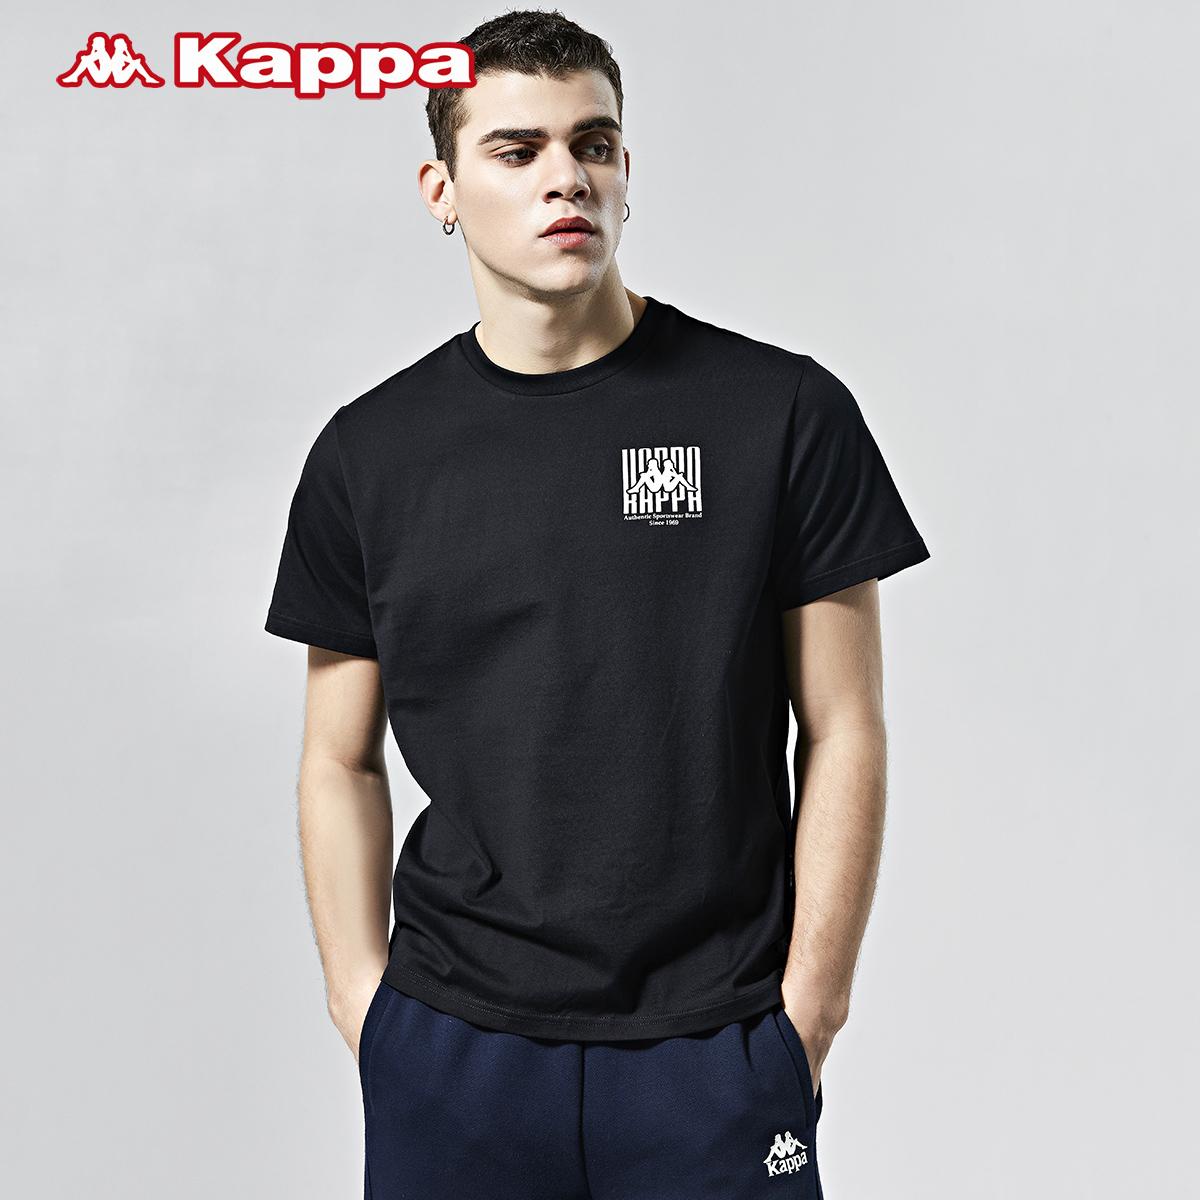 Kappa卡帕男款运动短袖基础休闲T恤夏季圆领宽松半袖 2020新款